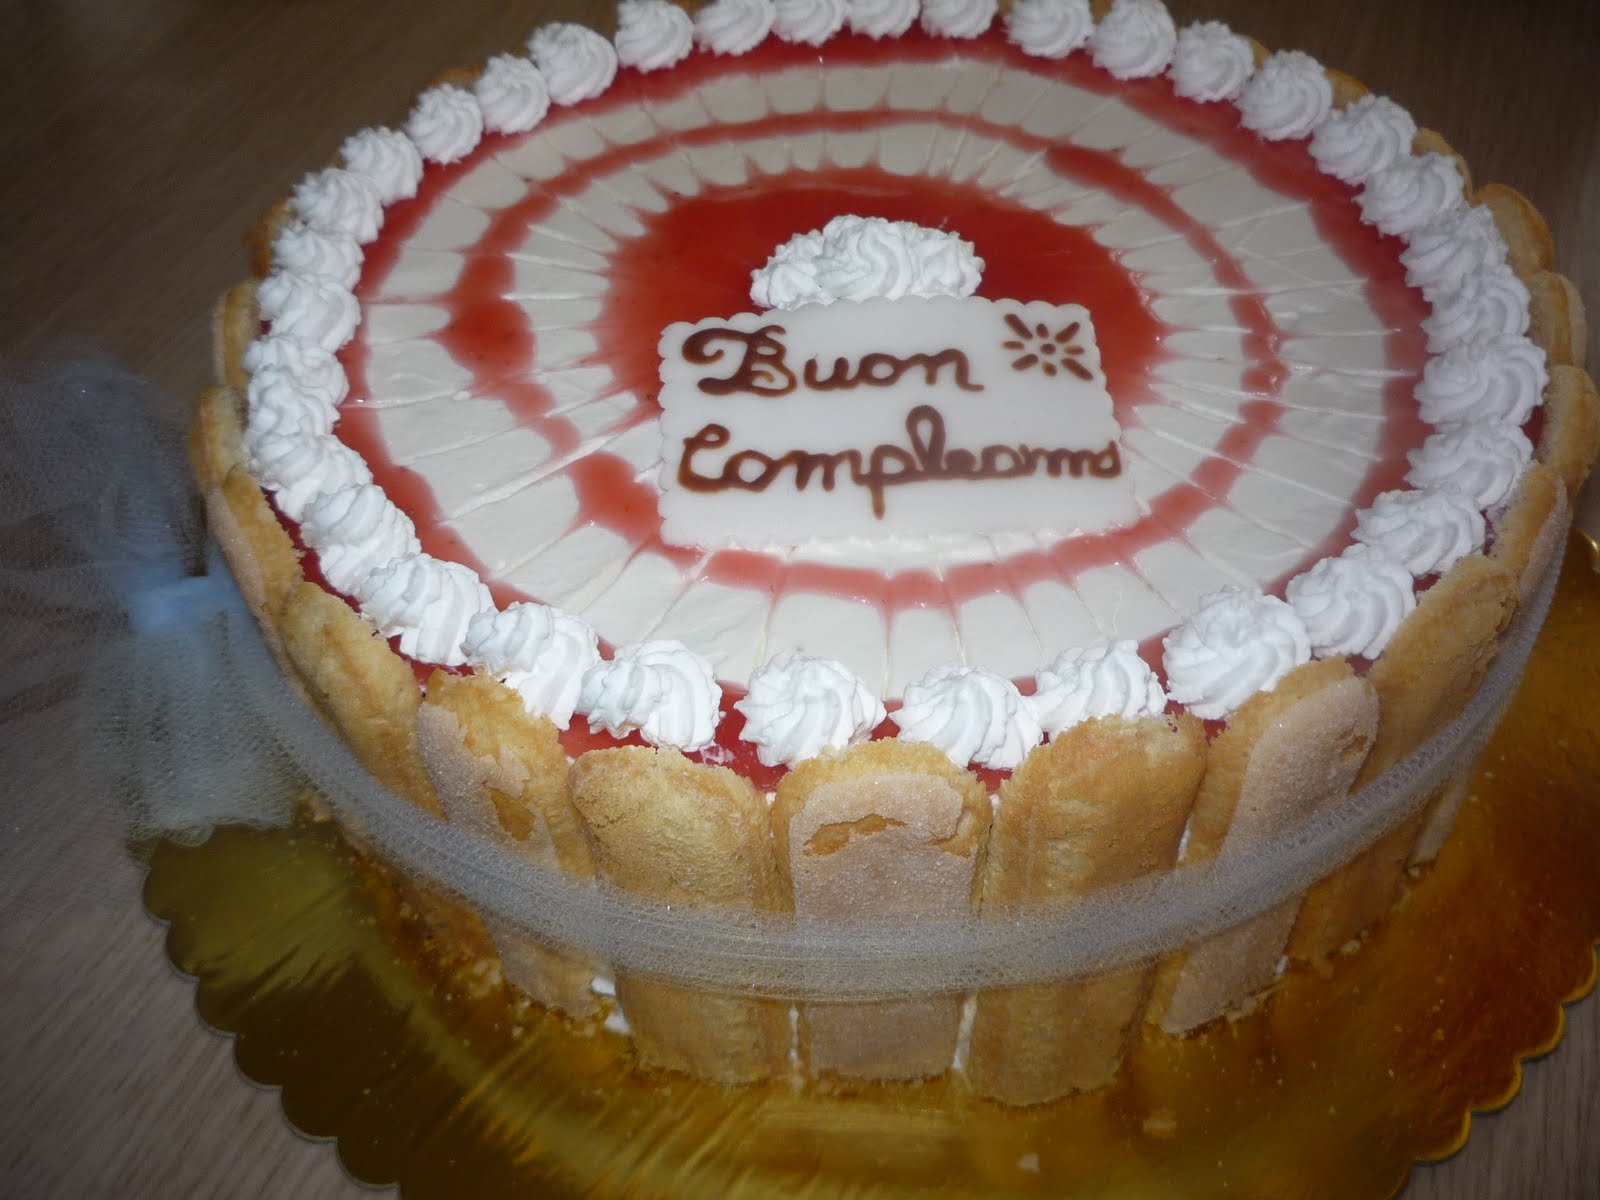 Le creazioni di laly le mie torte decorate for Decorazione torte millefoglie